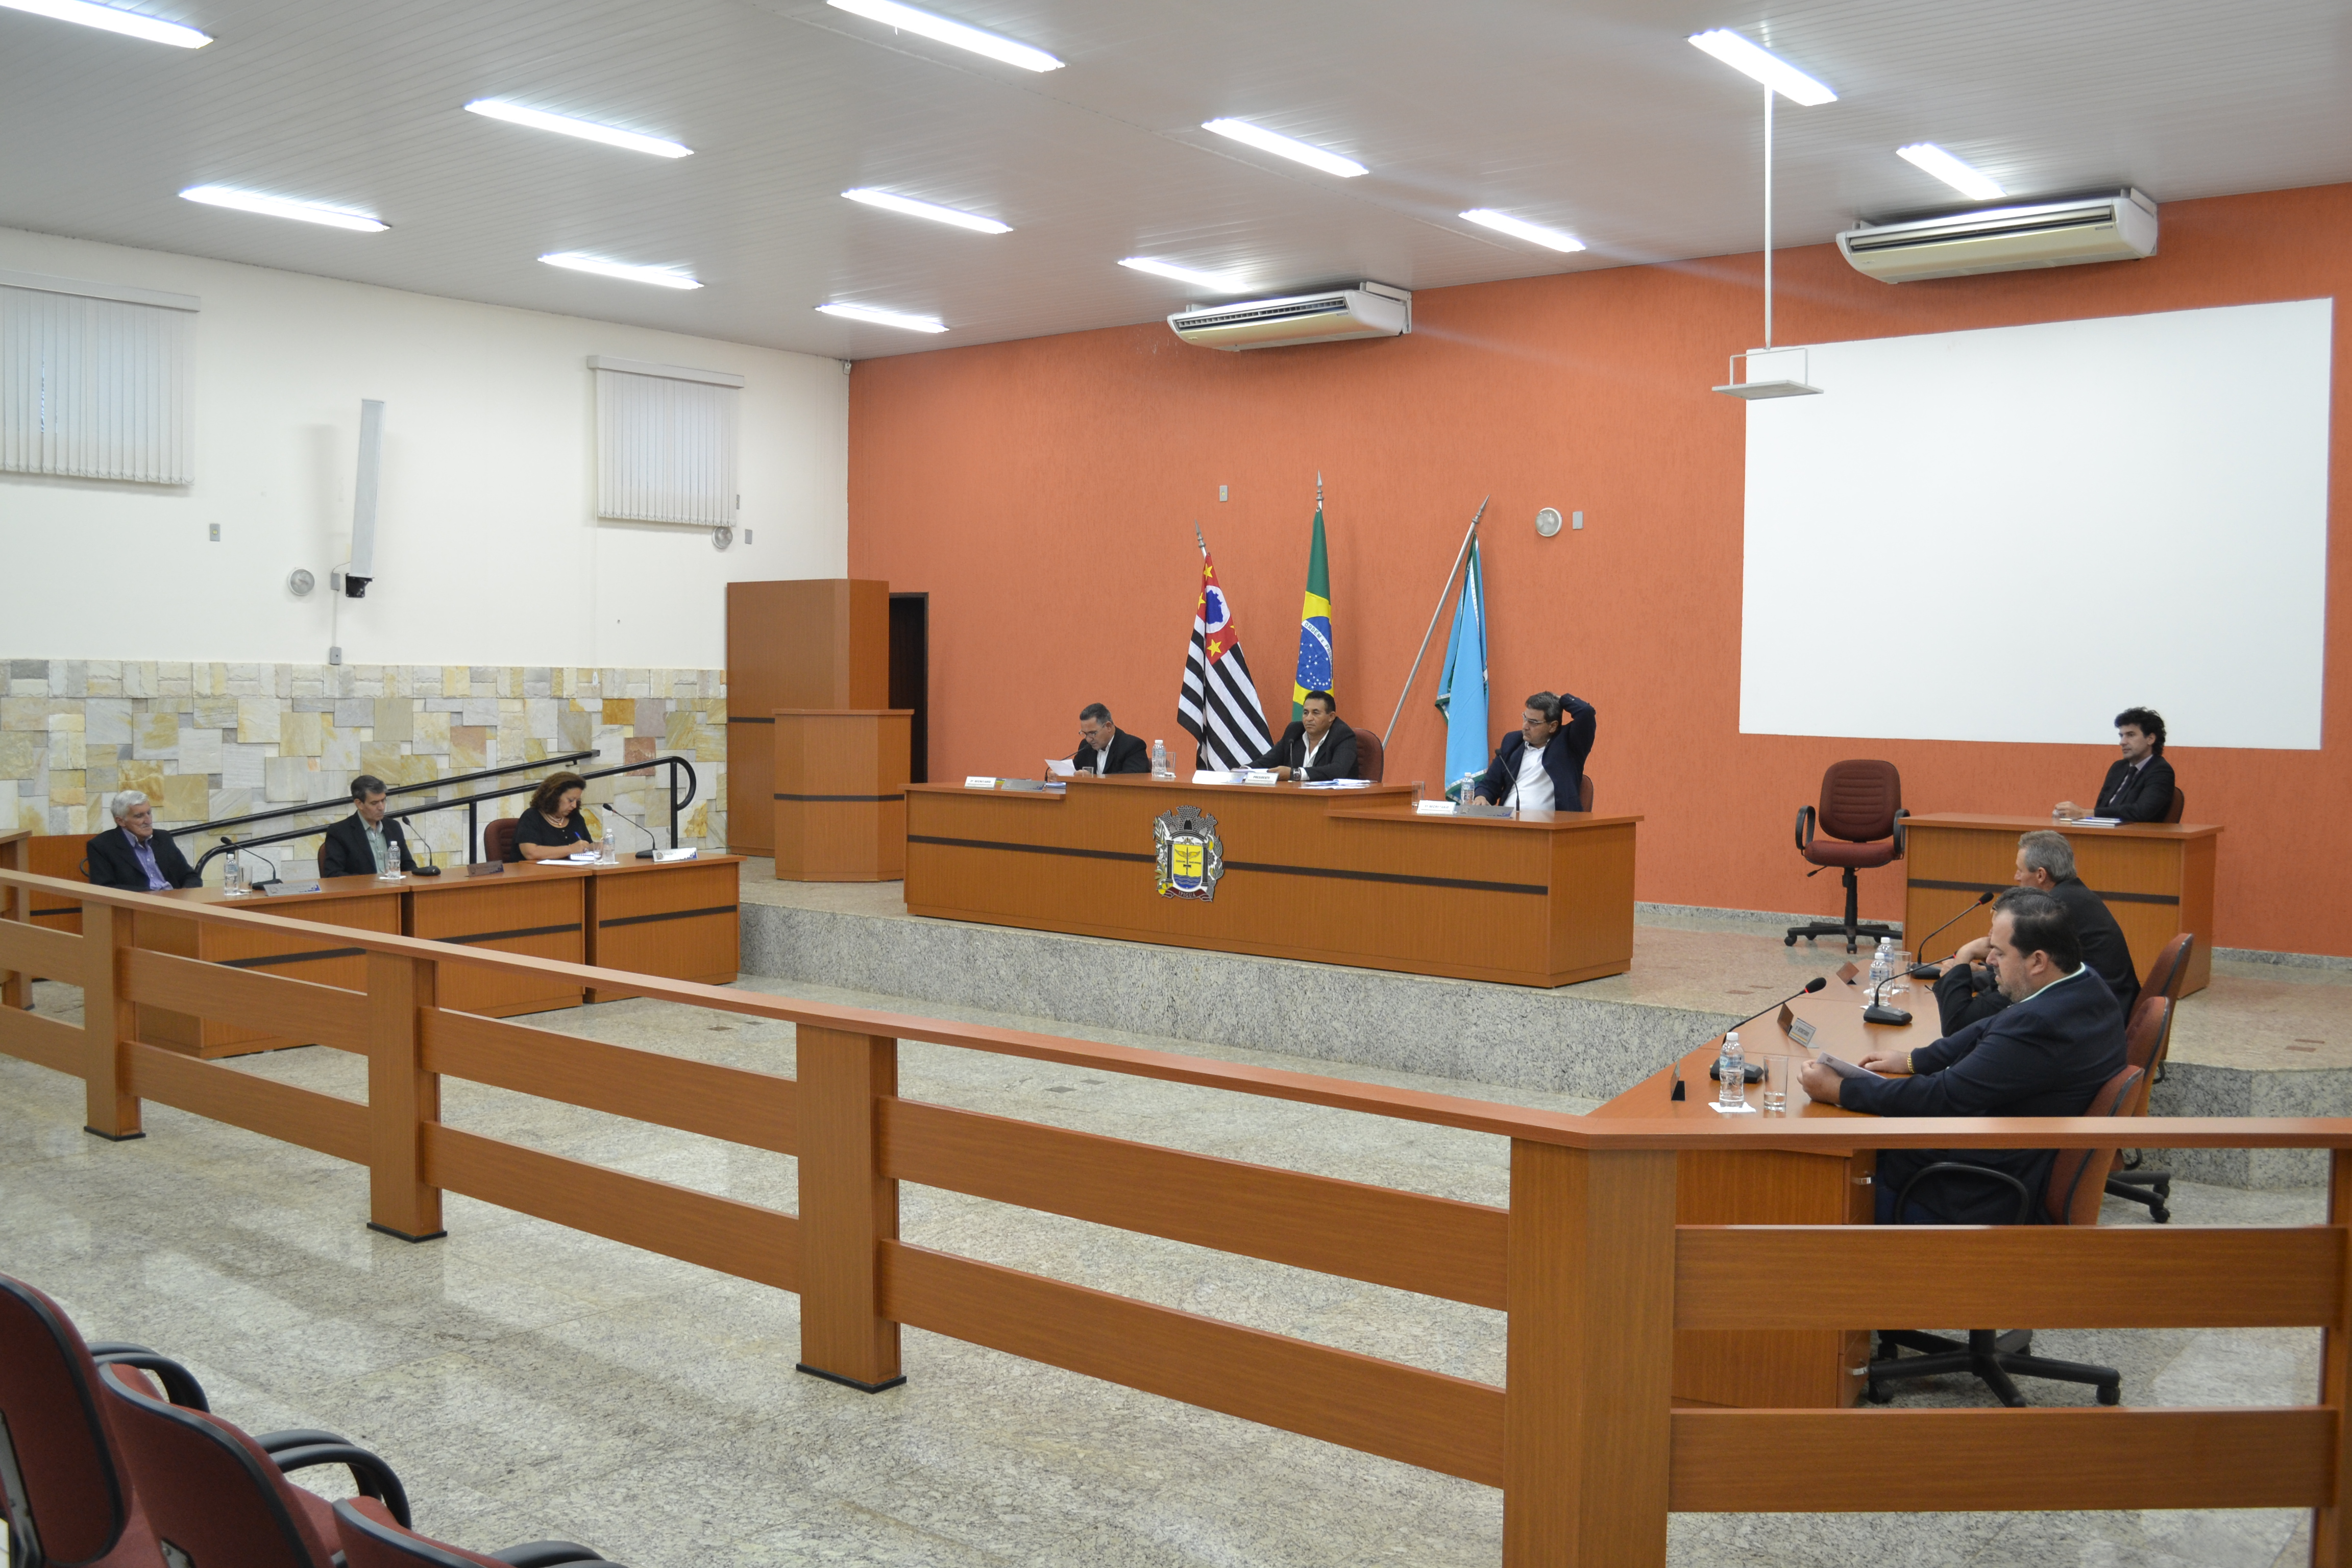 Resumo da oitava sessão ordinária da Câmara Municipal de Ipiguá